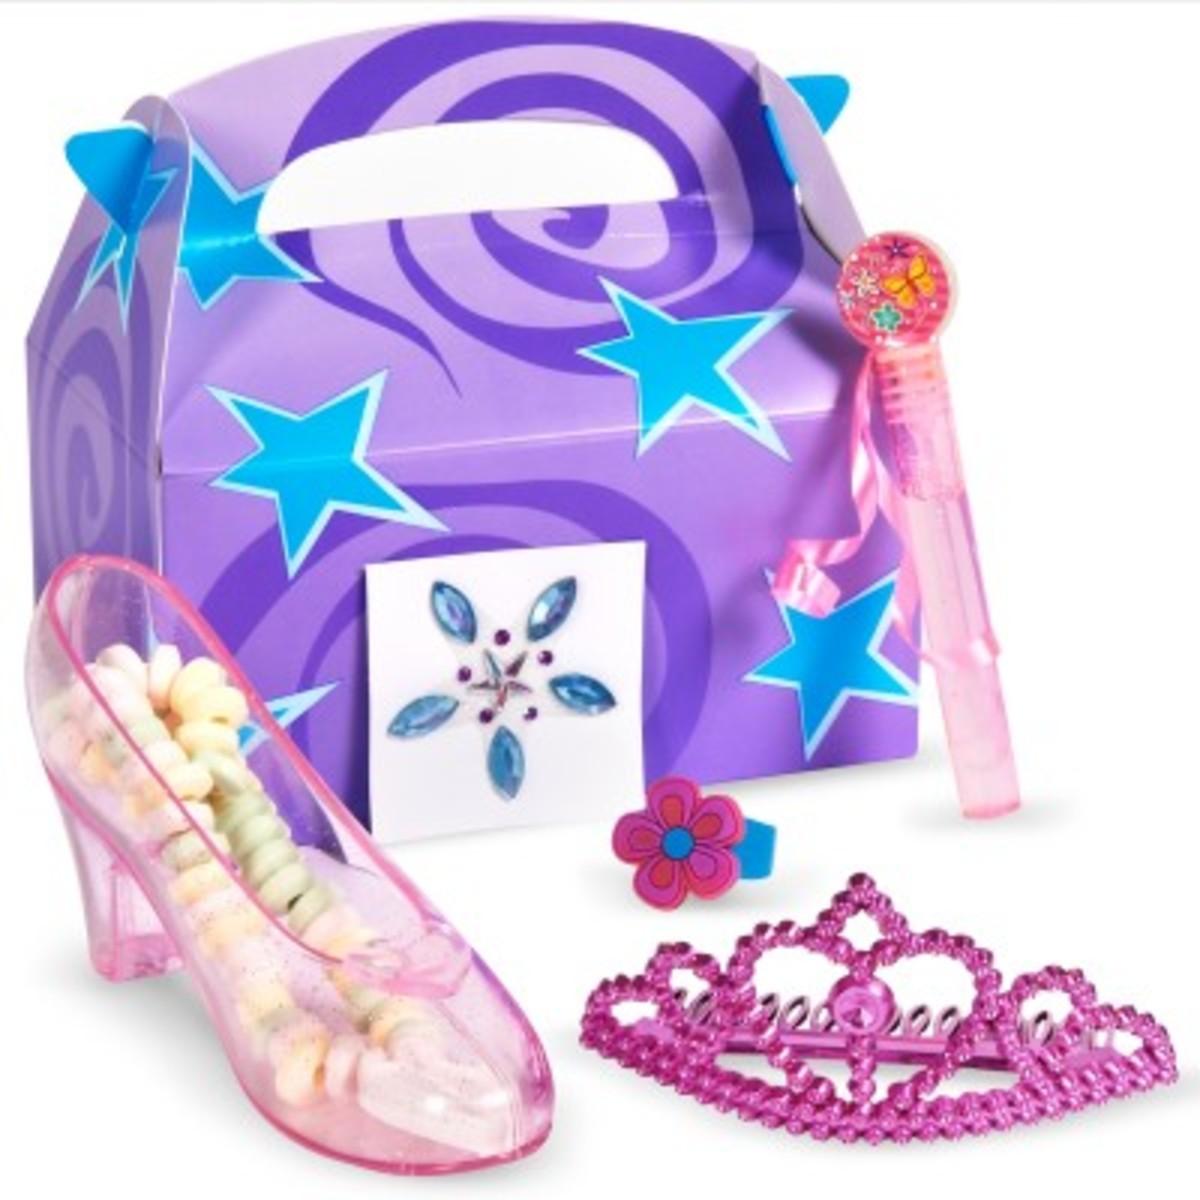 Licensed Disney Frozen Party Favor Boxes